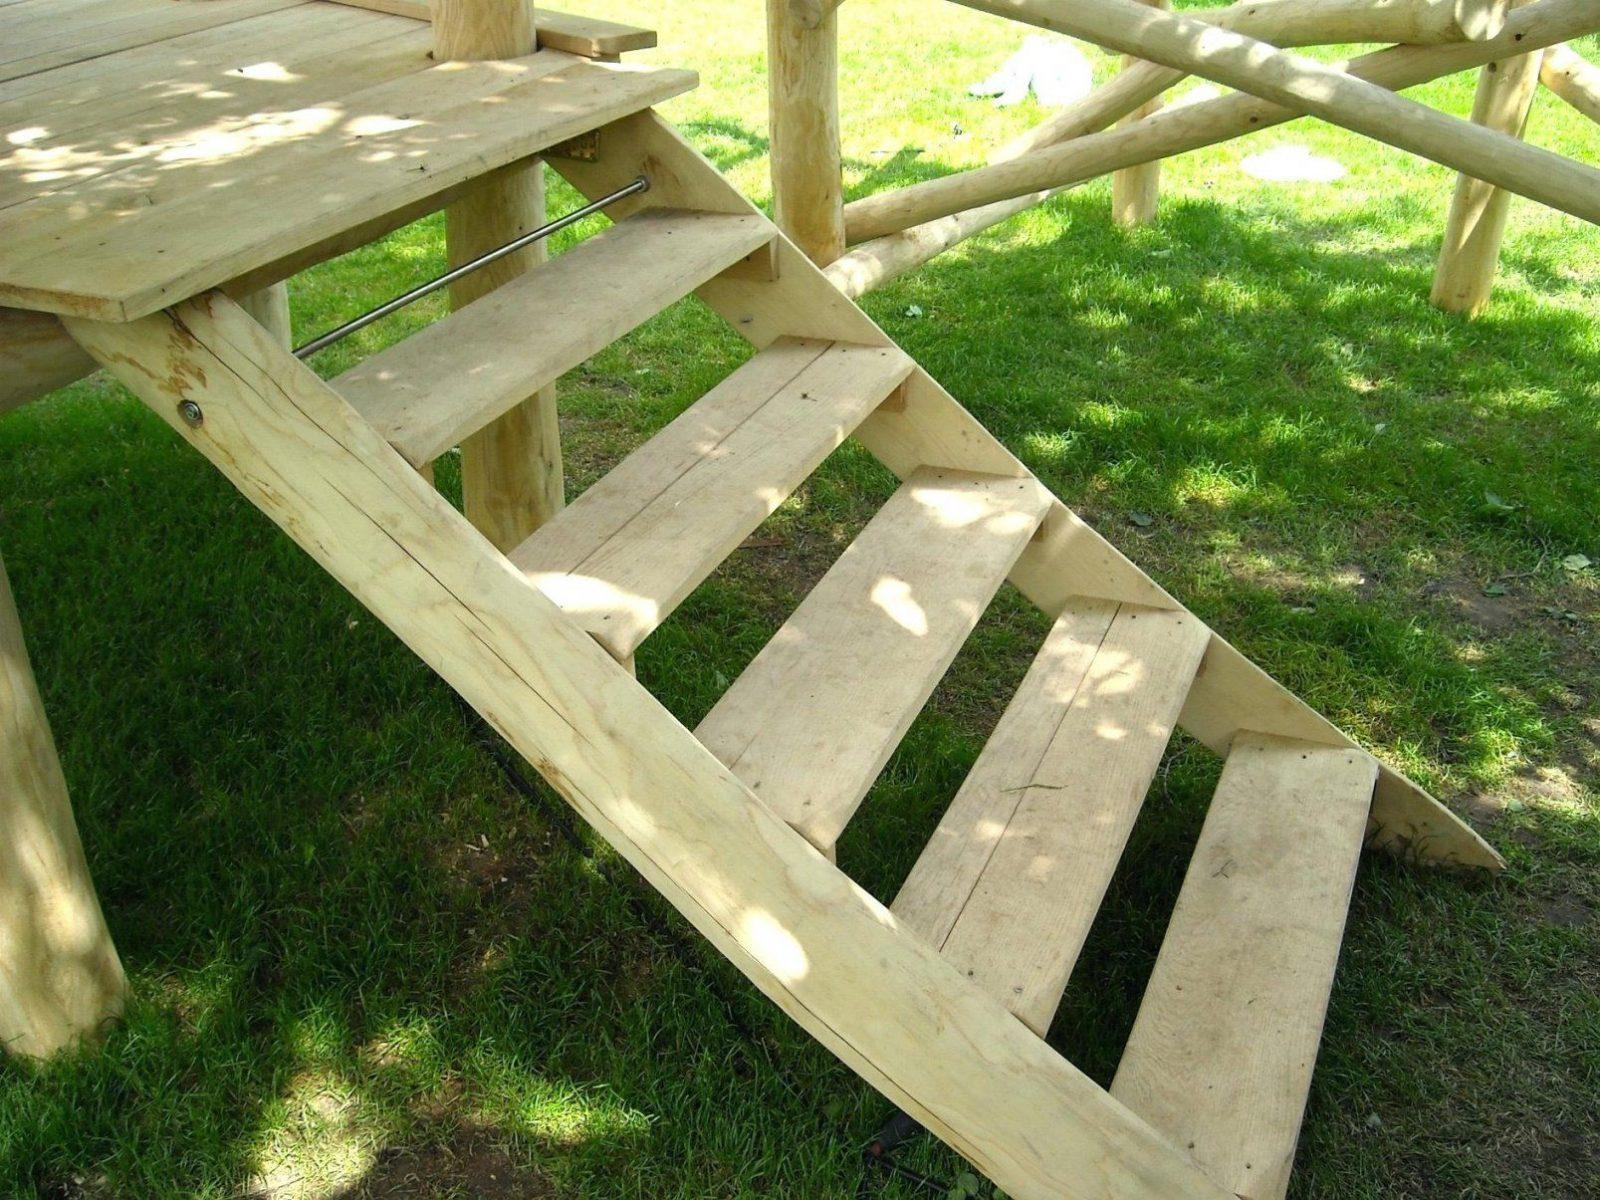 Rampe Fur Treppe Selber Bauen Beste Von Attraktiv Treppen Auf von Treppe Rampe Selber Bauen Bild